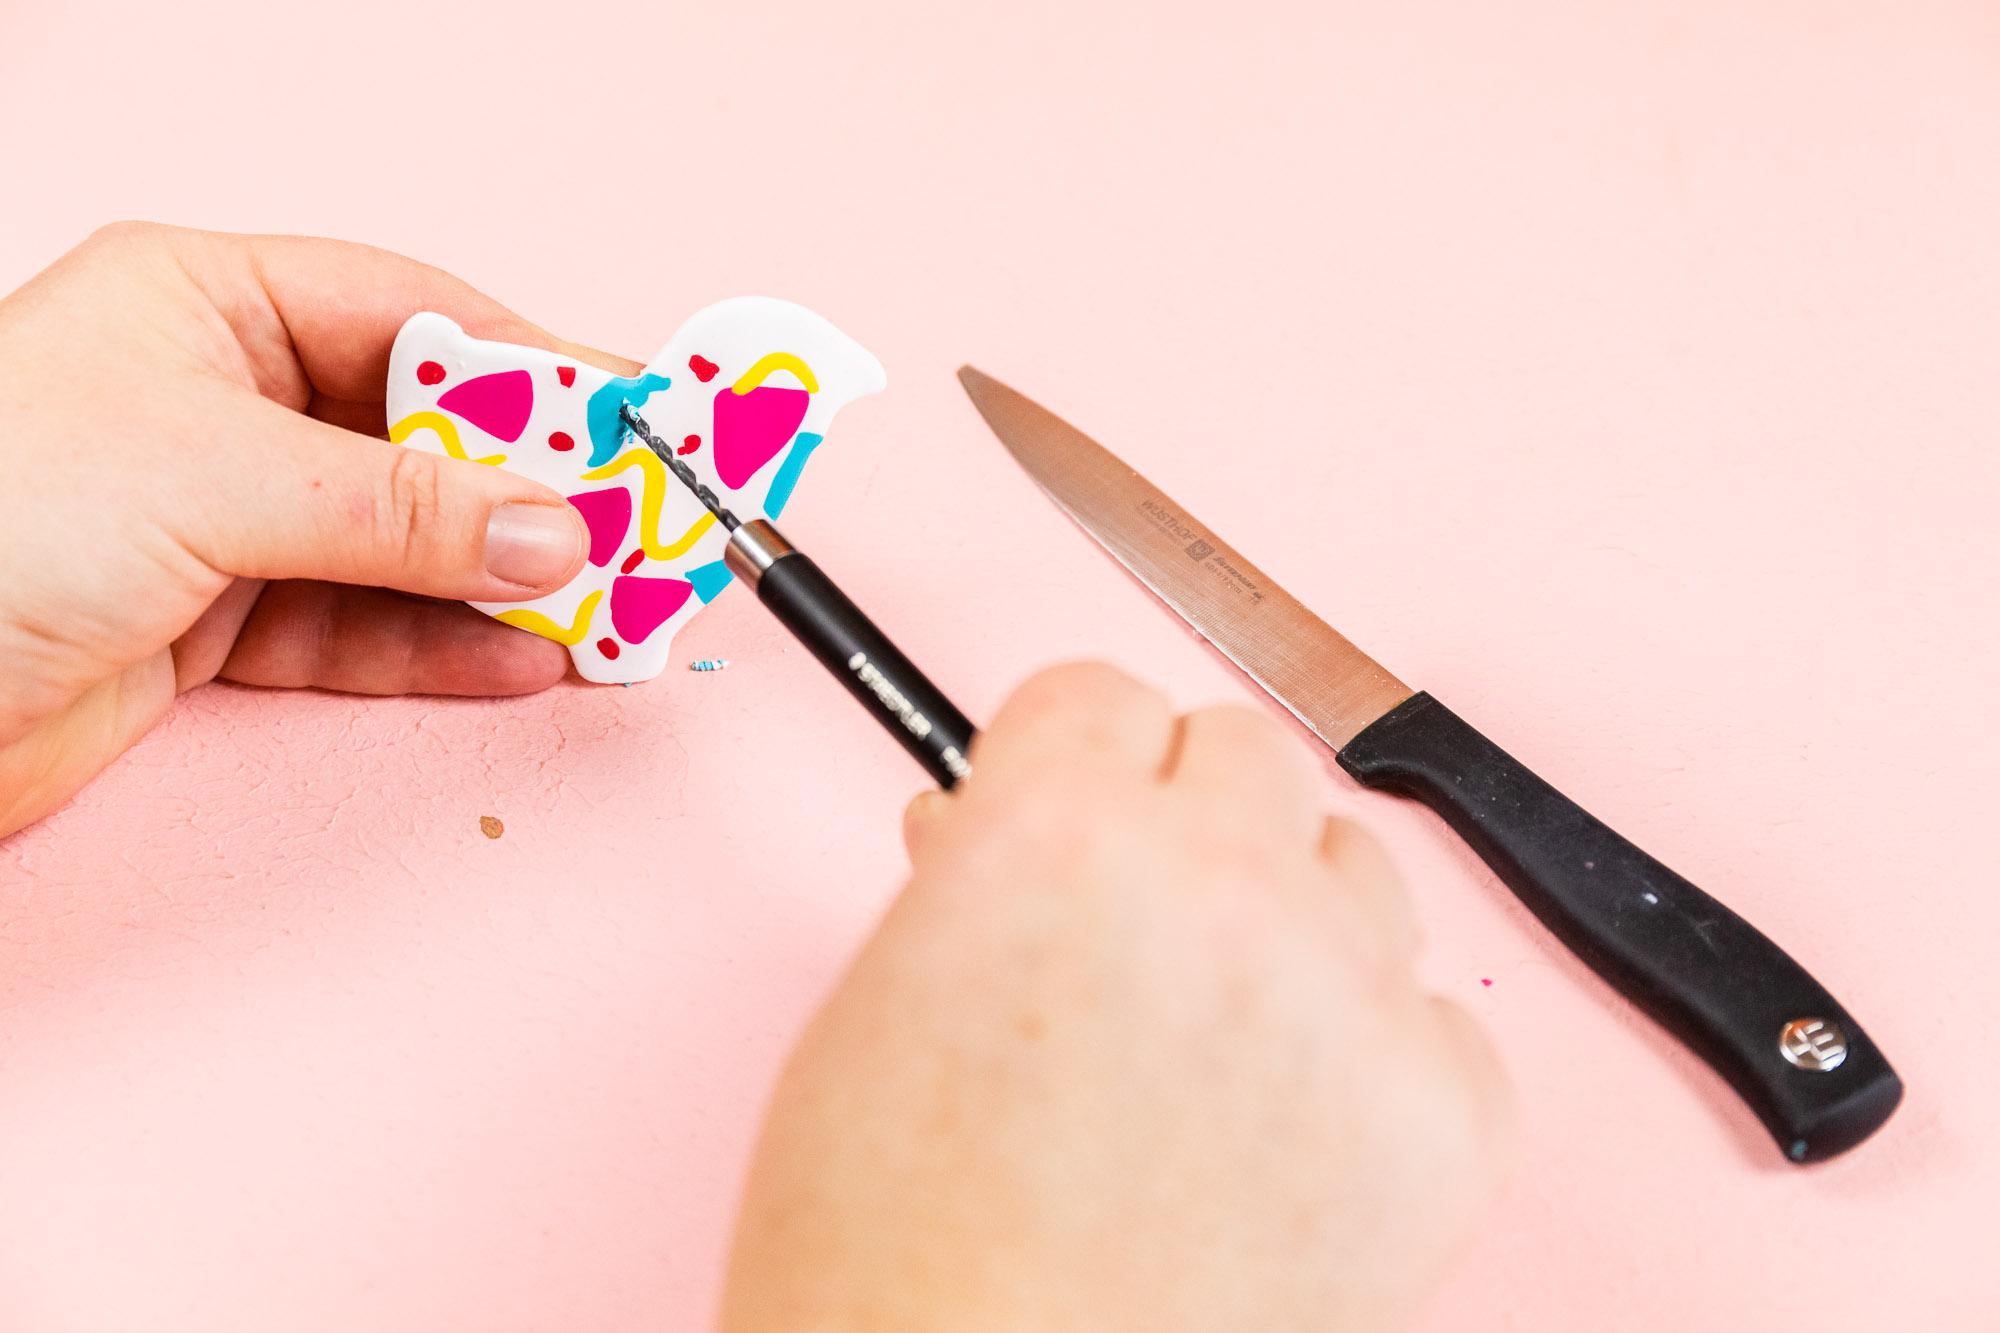 DIY Ostern - Wir basteln Osterdeko mit geographischem 80er Jahre Memphis Muster aus Fimo. Die hübsch gemusterten Fimo Osterhasen, Ostereier und Kücken kannst du einzeln an den Osterstrauch hängen oder zusammen als Mobile Wandschmuck kombinieren.